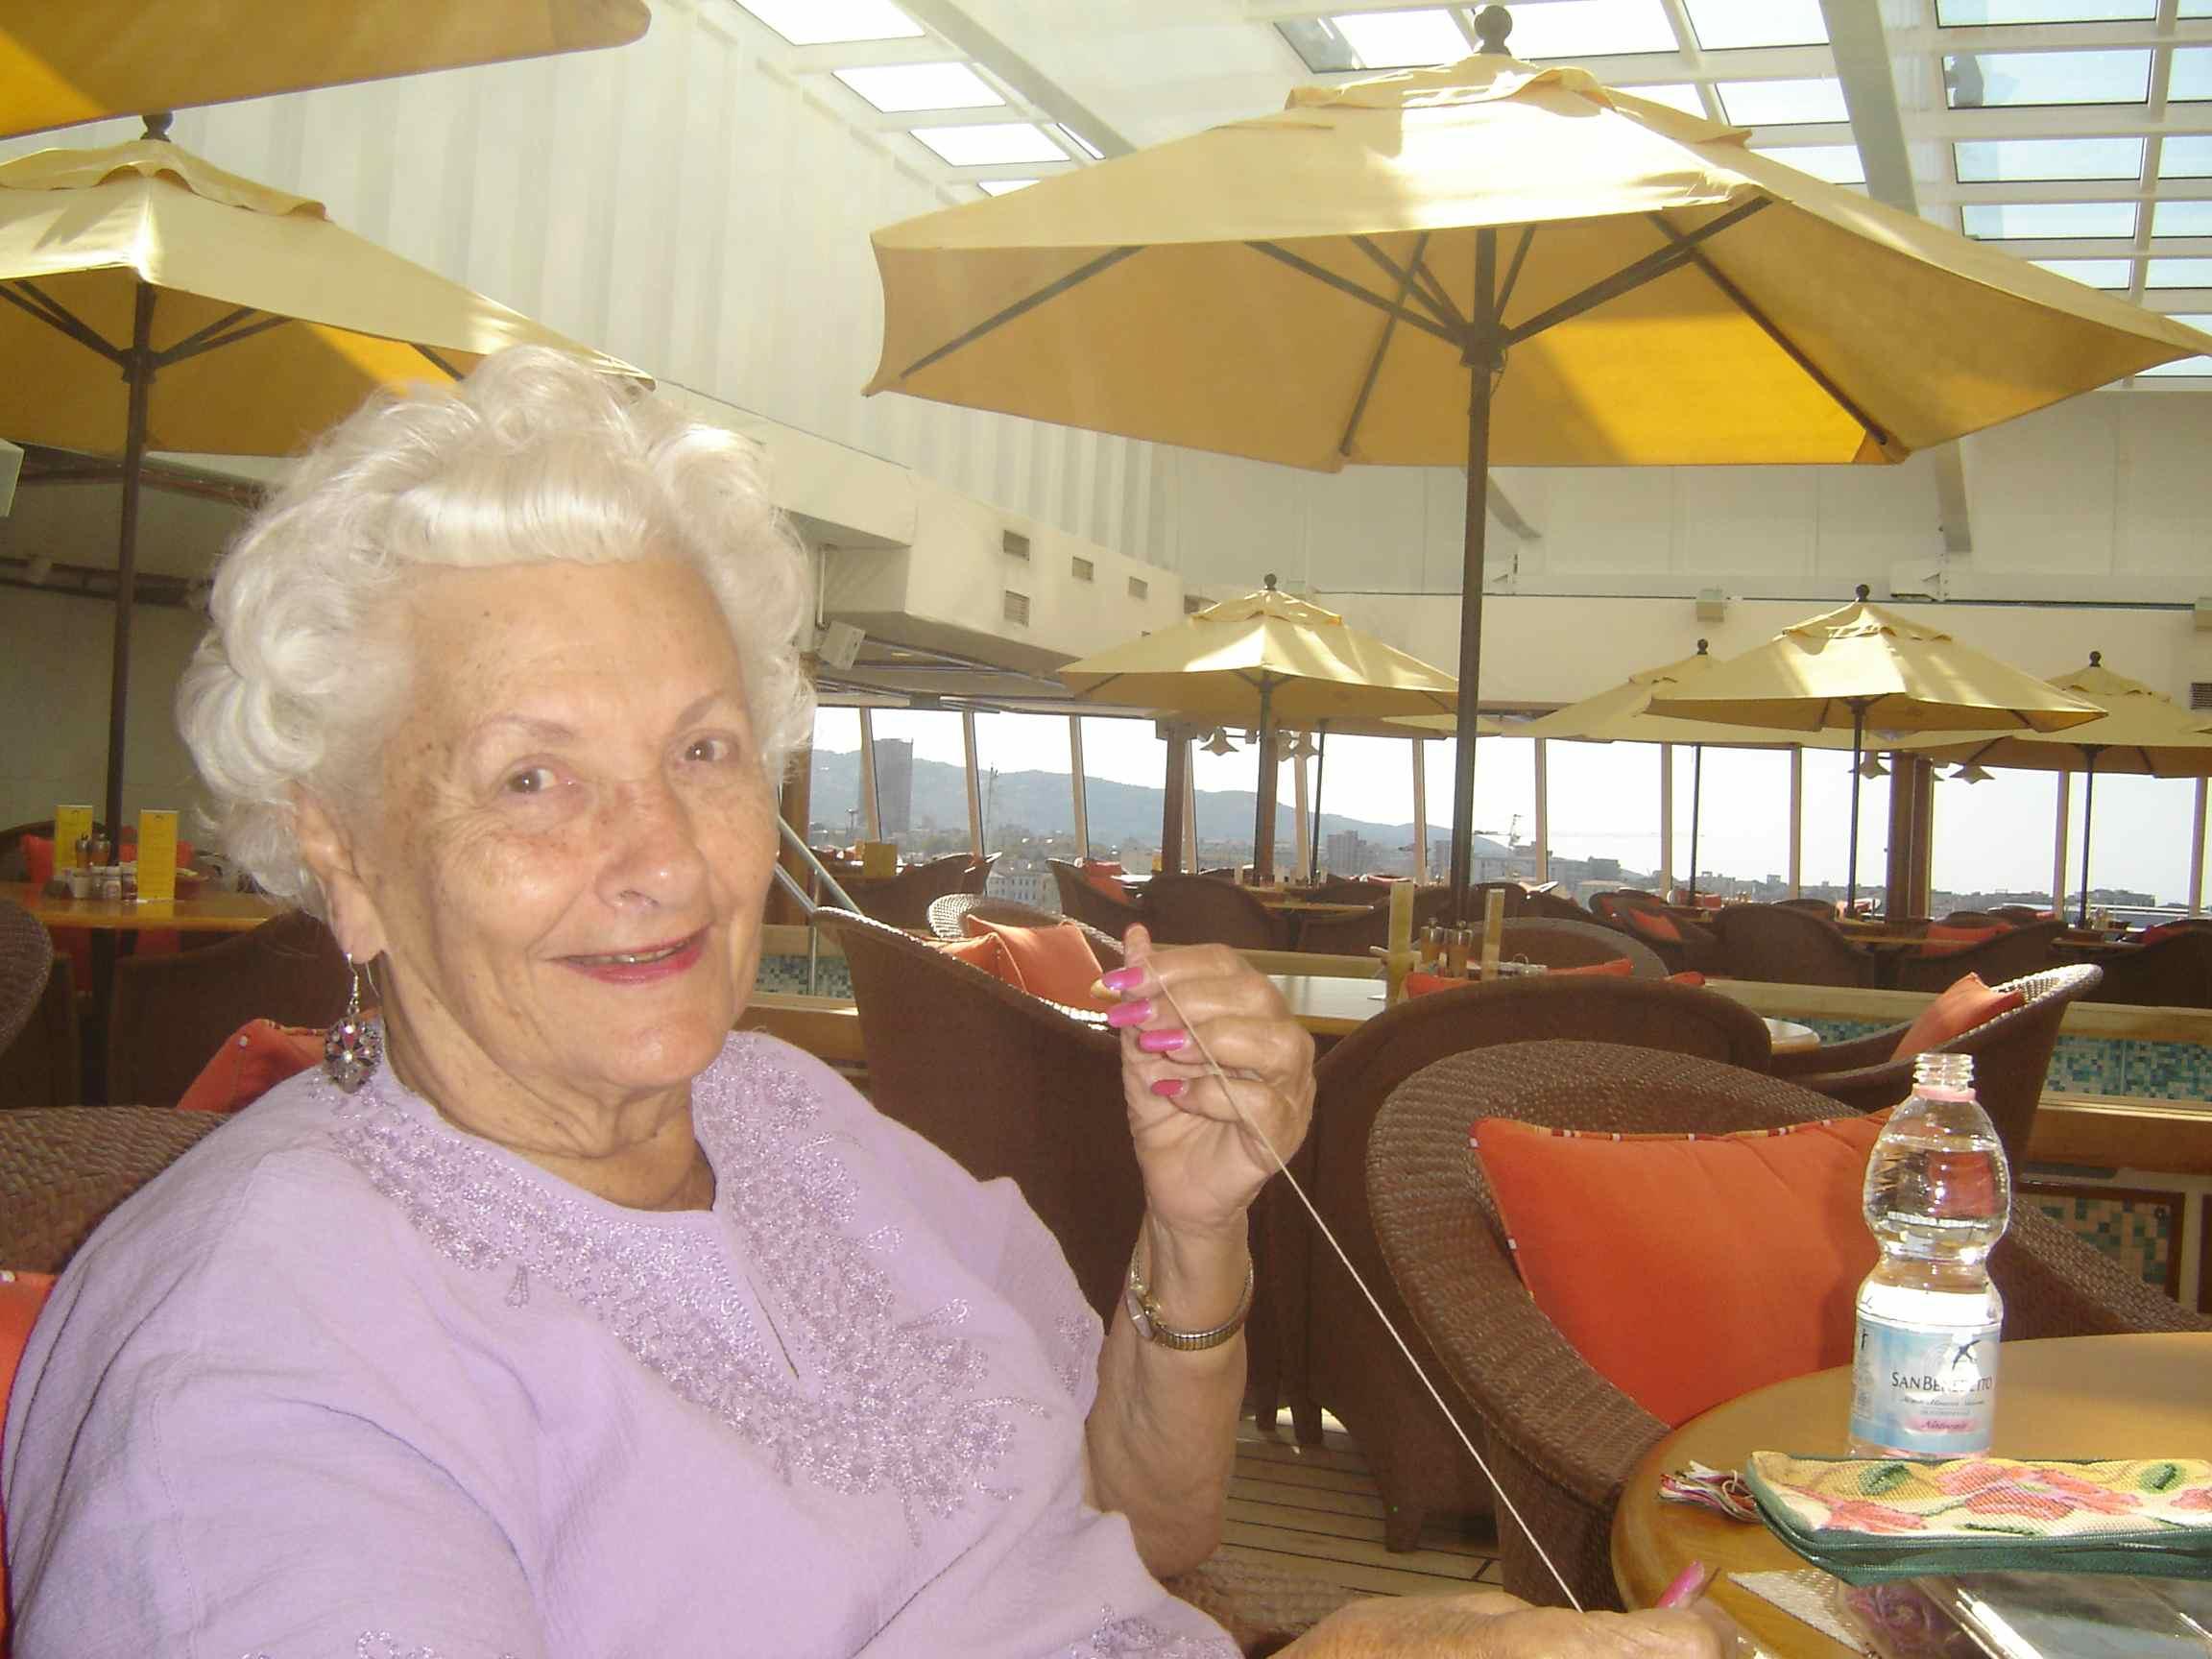 Mama Lee, la vedova che vive sulle navi da crociera